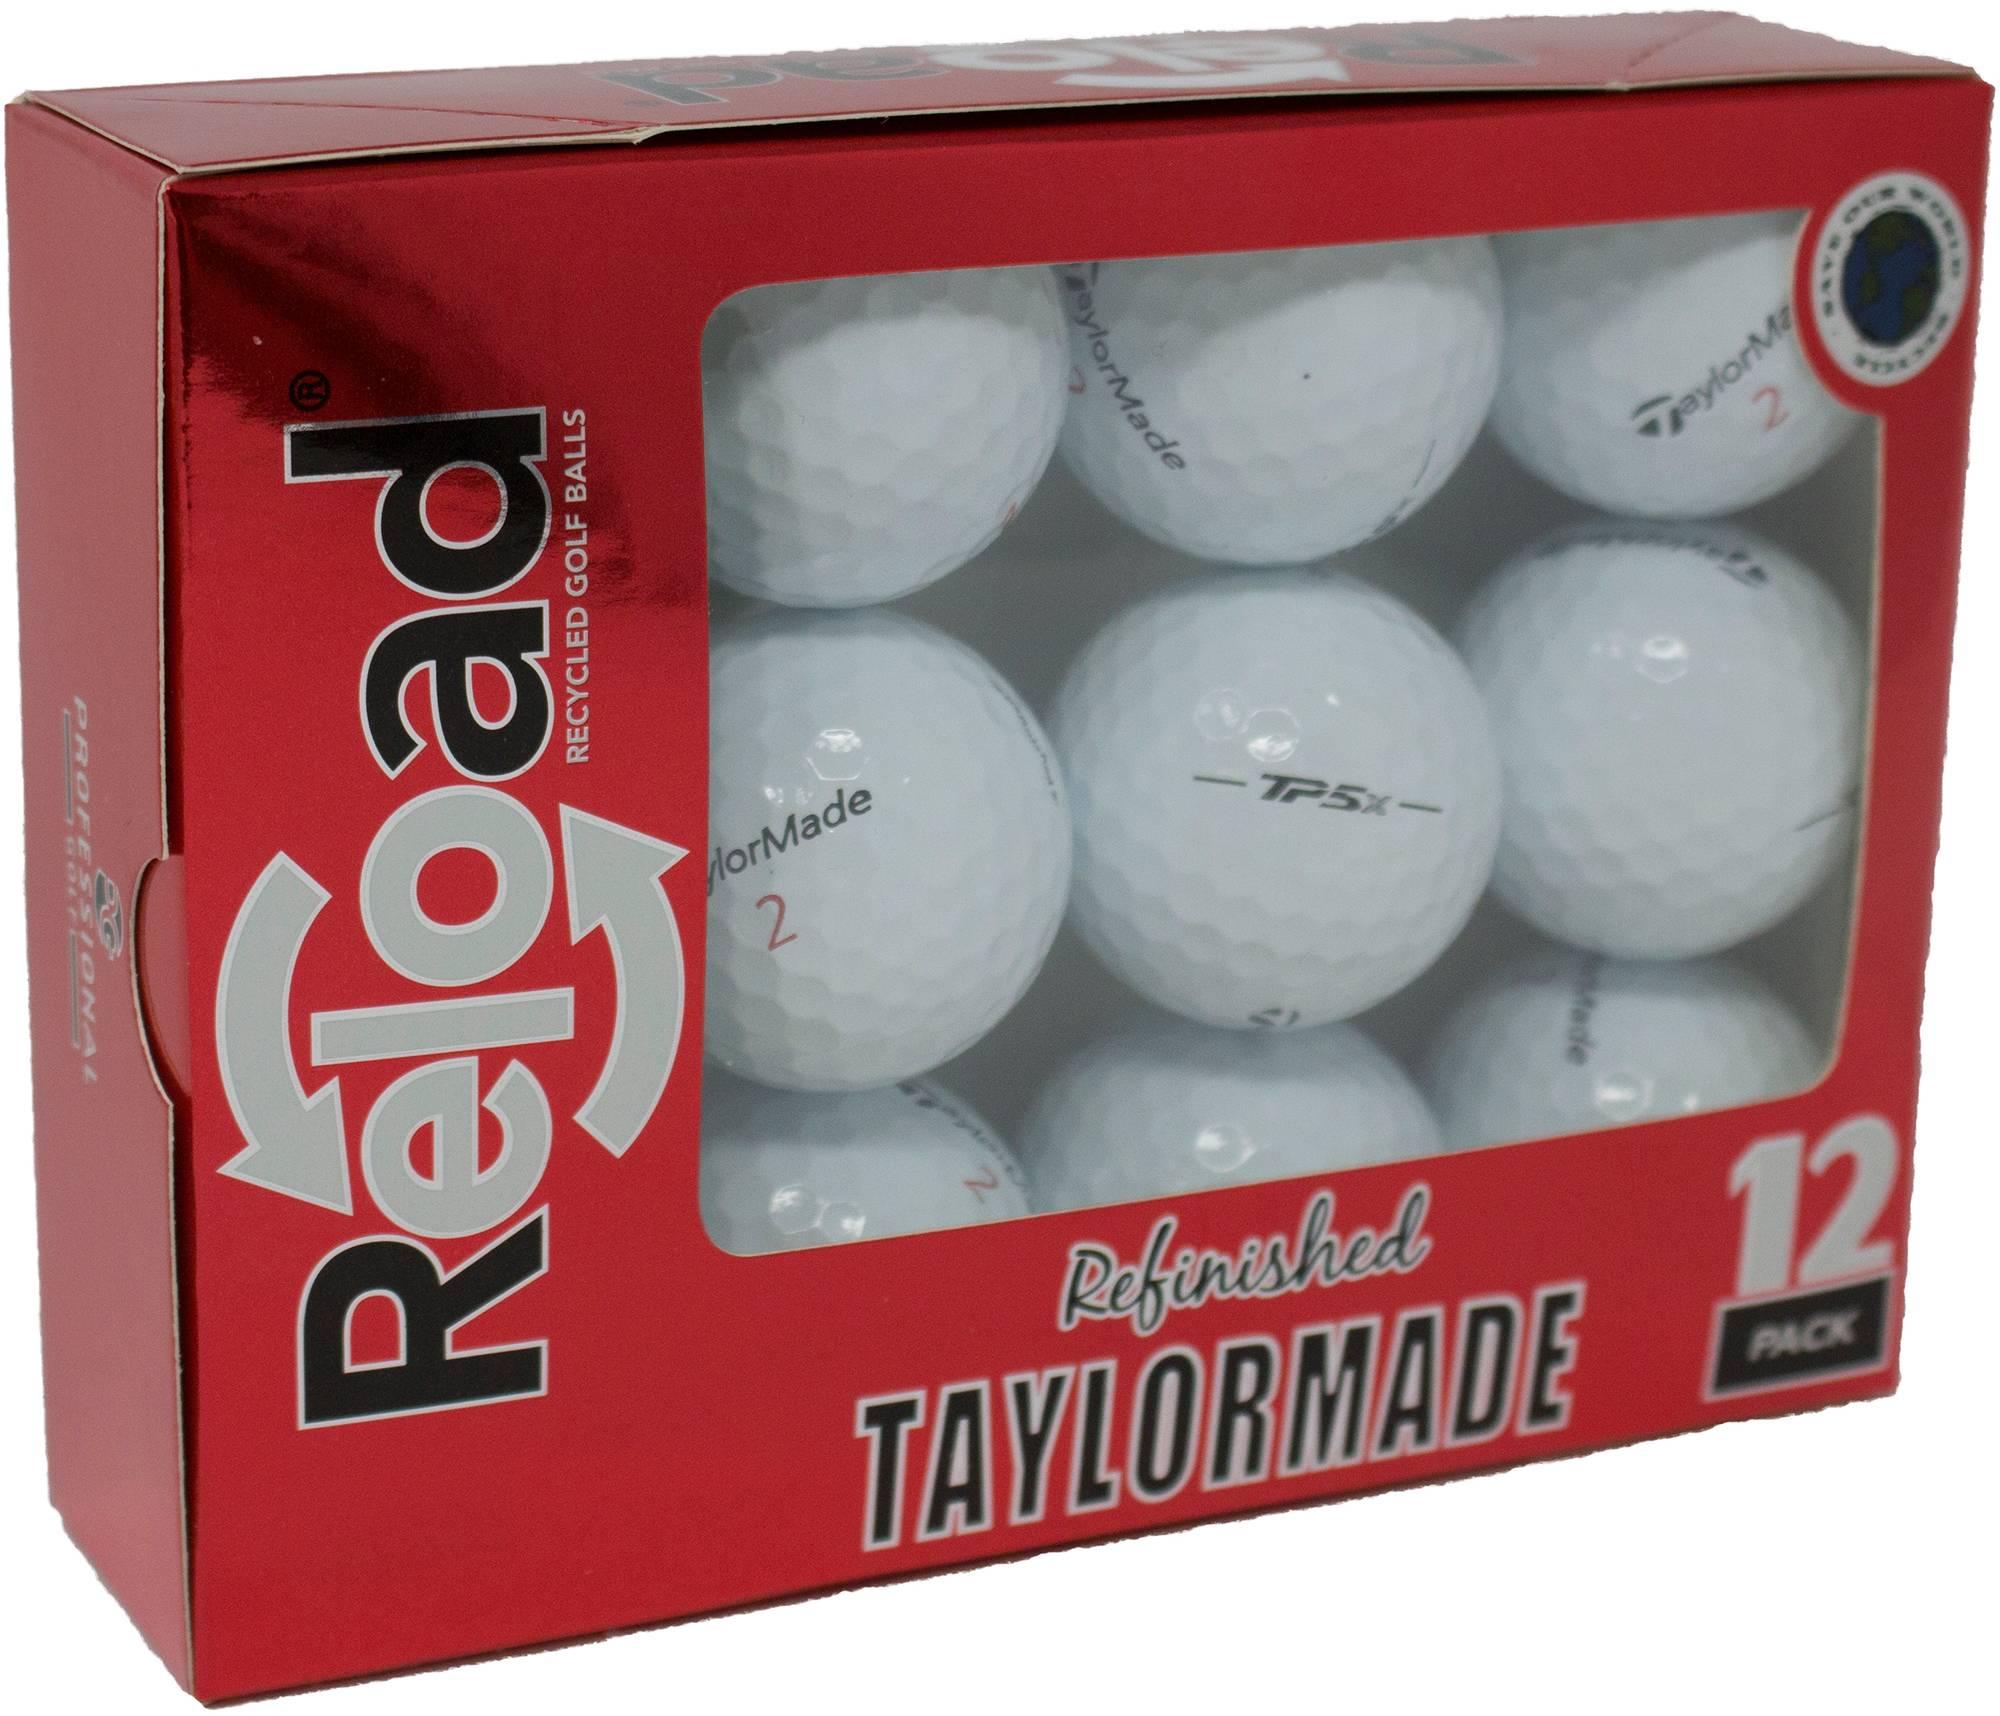 14++ Challenge golf refurbished golf balls ideas